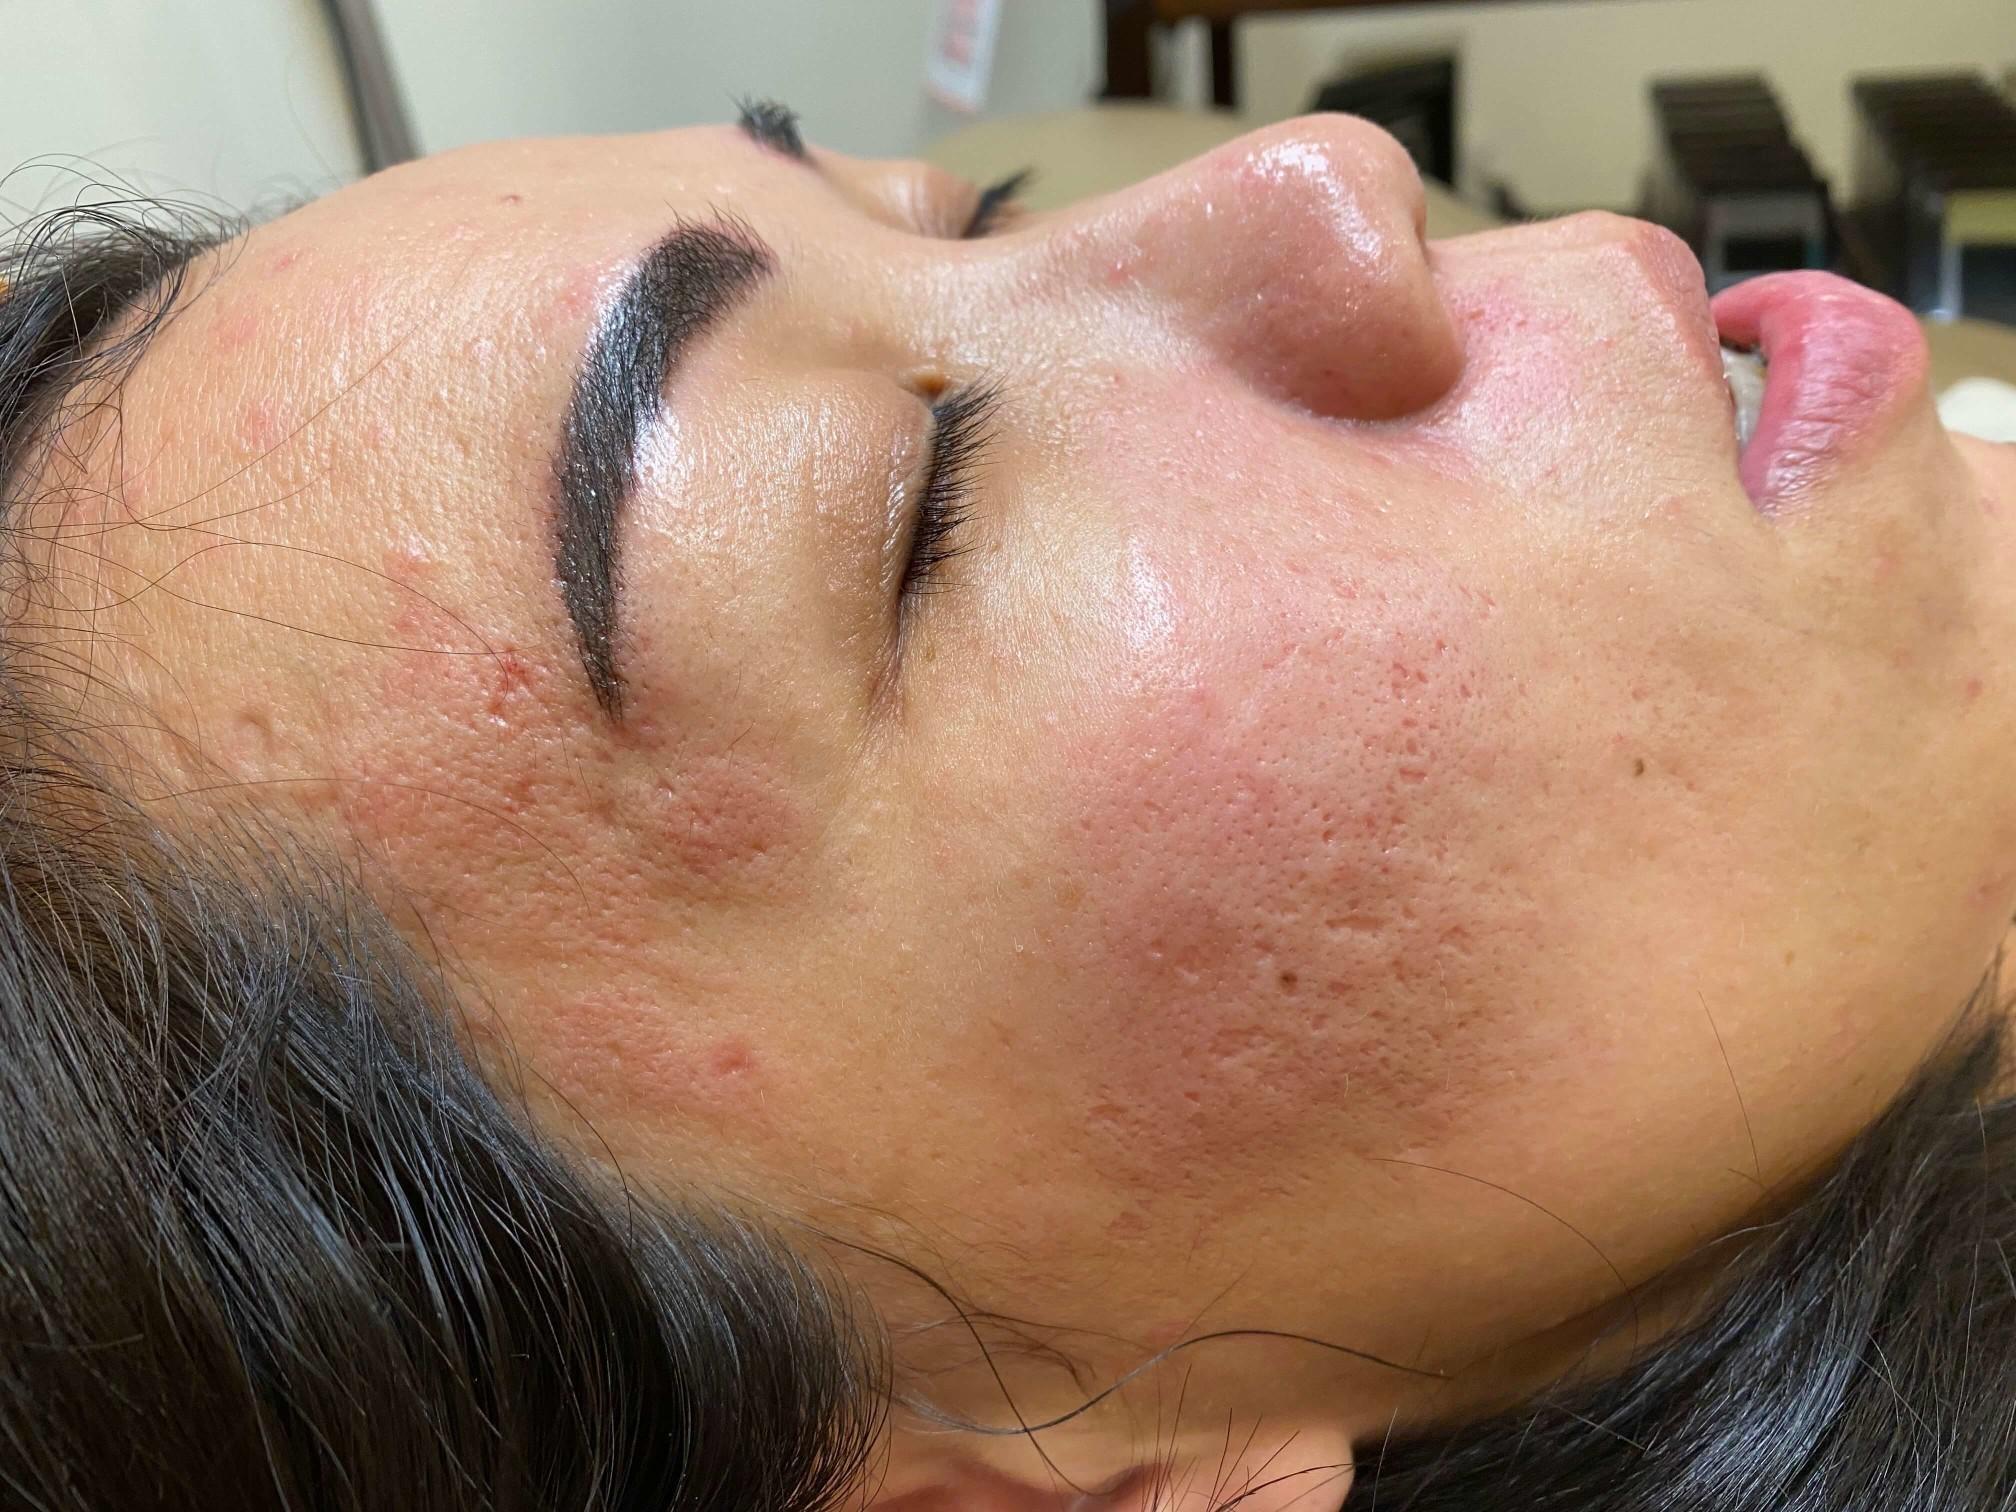 歐式肌膚管理痘疤處理後當日